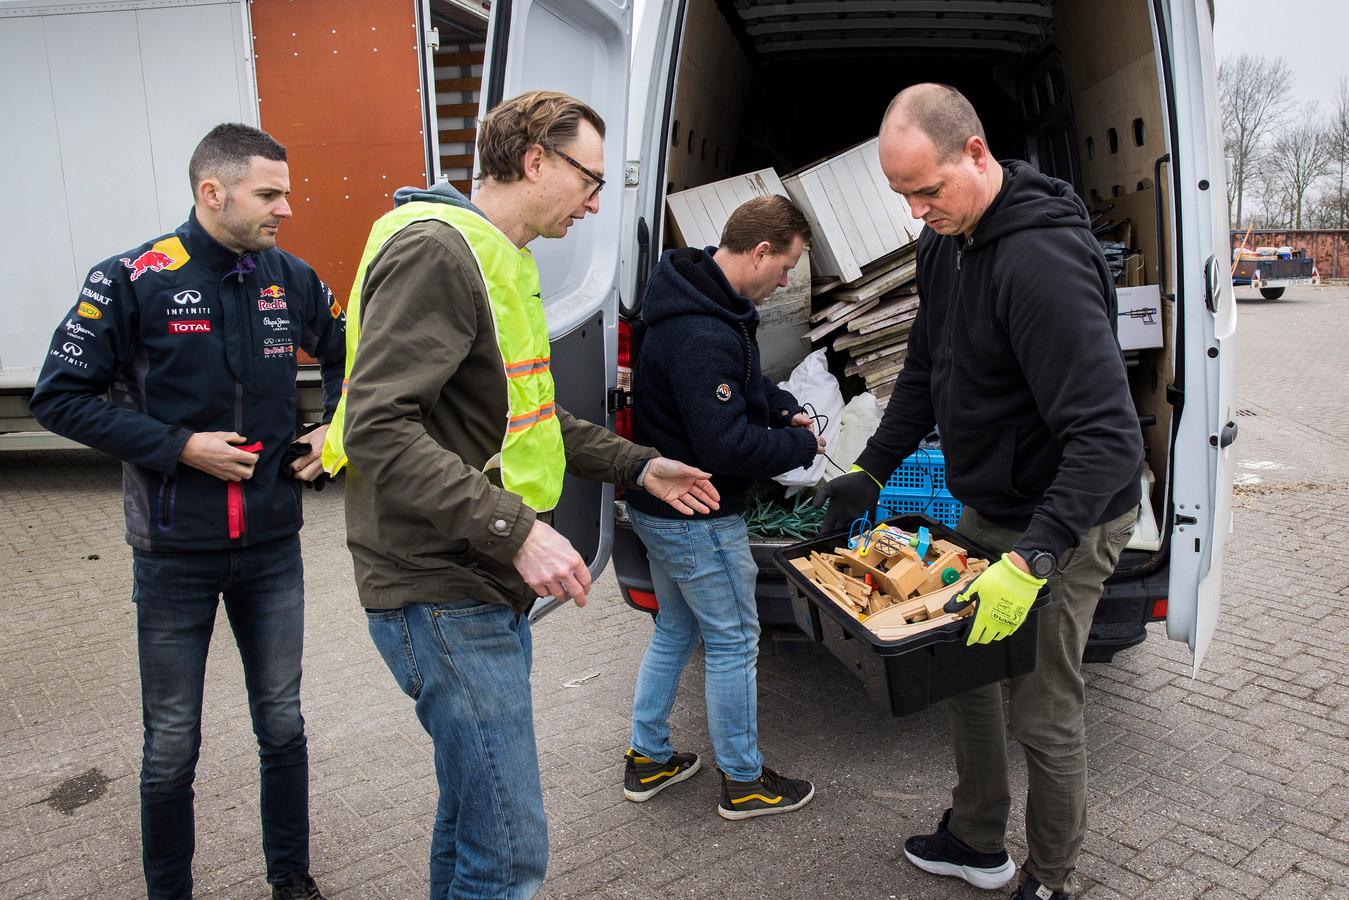 Dennis Happé van Samen Circulair neemt een houten trein met rails over voordat deze in de container verdwijnt. Foto: Arie Kievit.